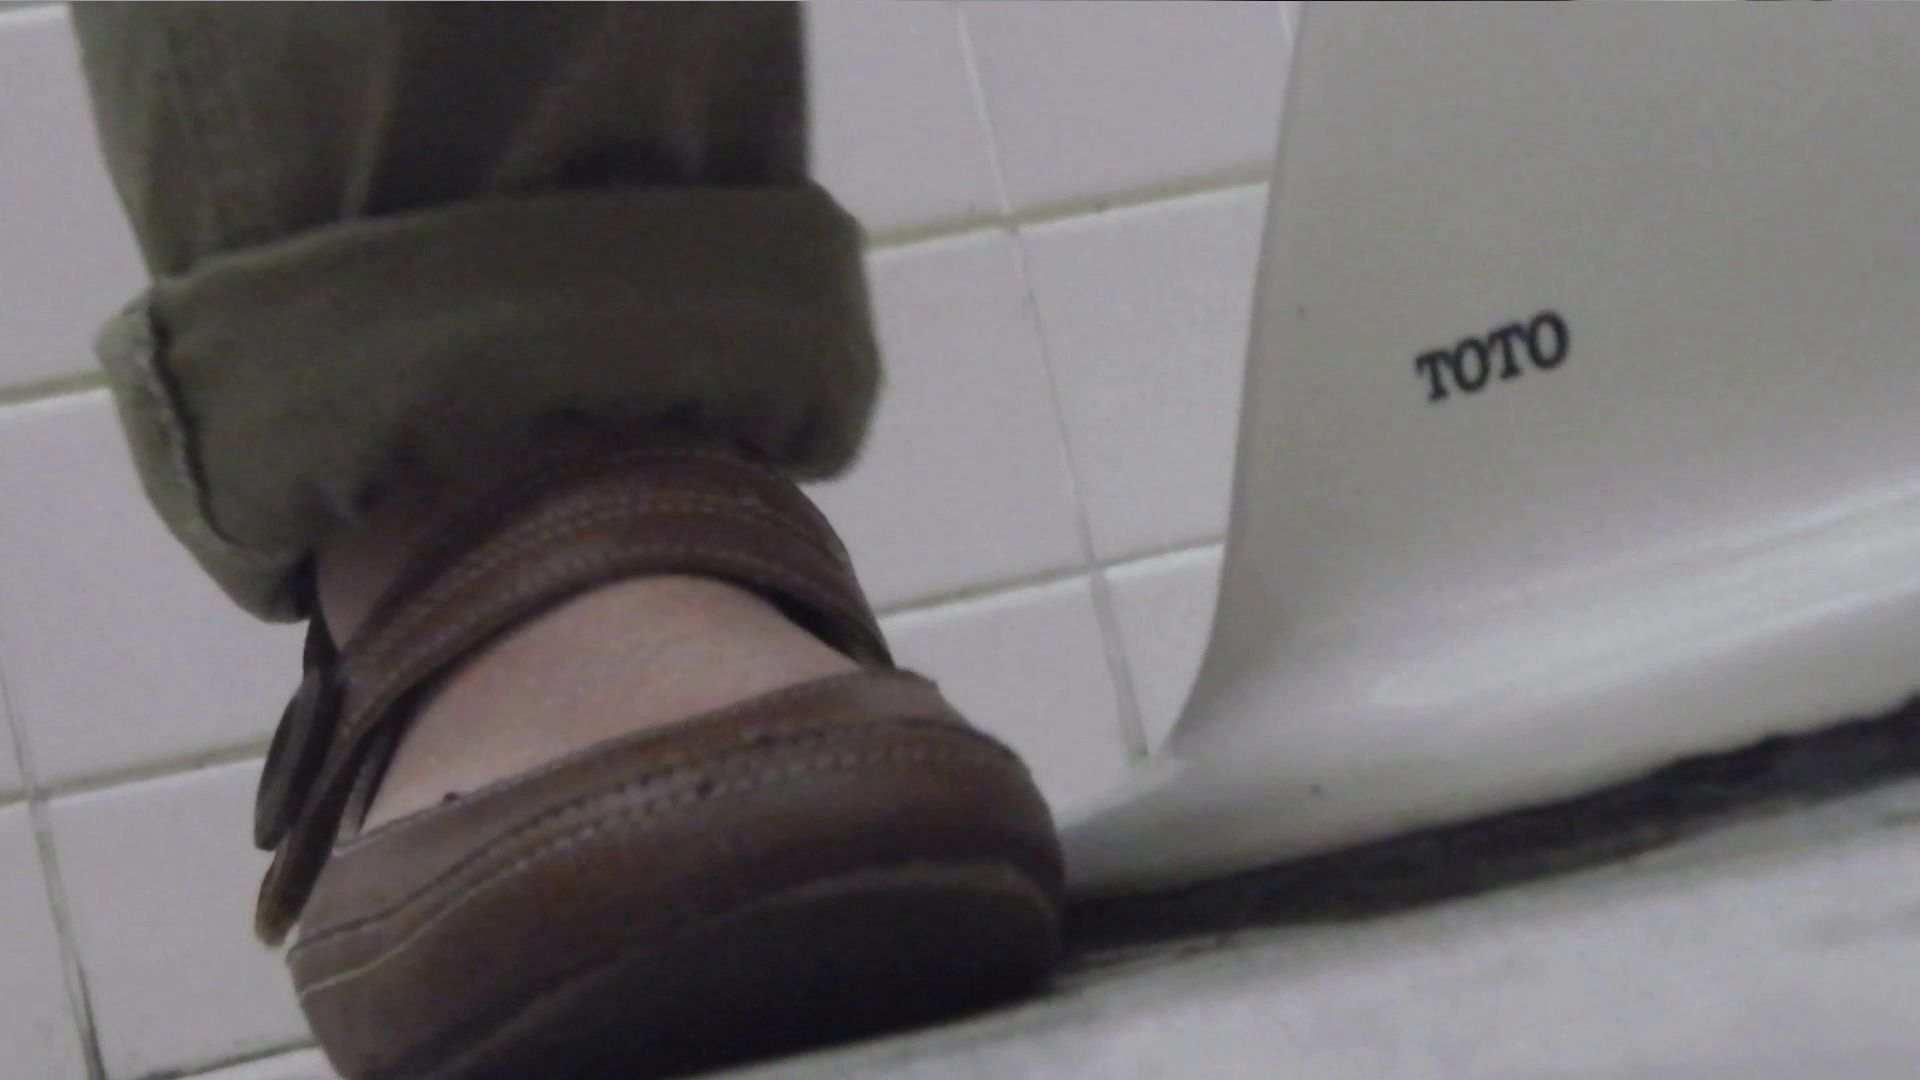 vol.09 命がけ潜伏洗面所! 残念!パンツについちゃいました。 プライベート 盗撮エロ画像 105画像 59